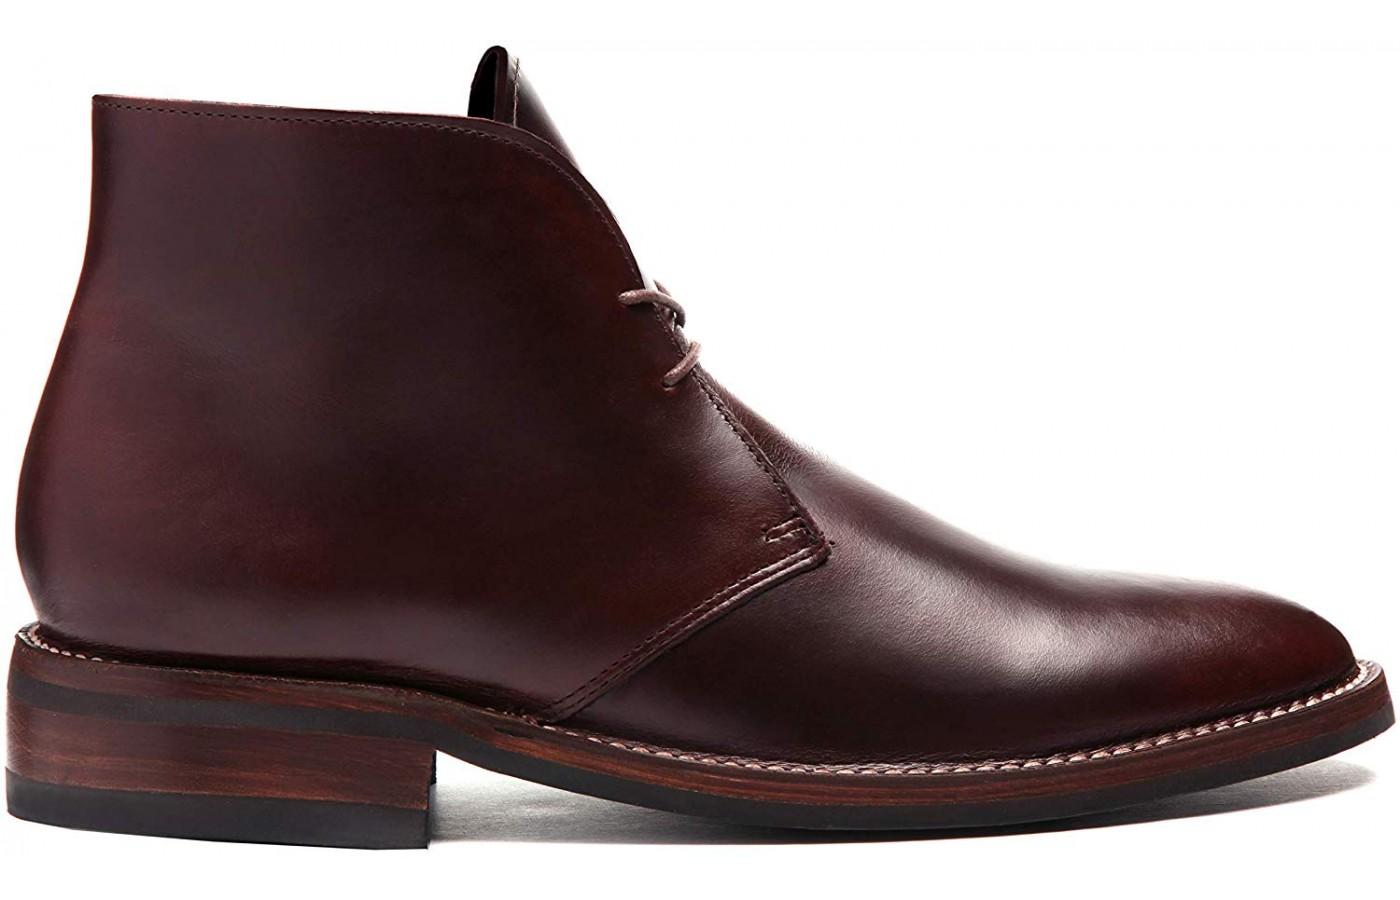 Thursday Boot Company Right Angle